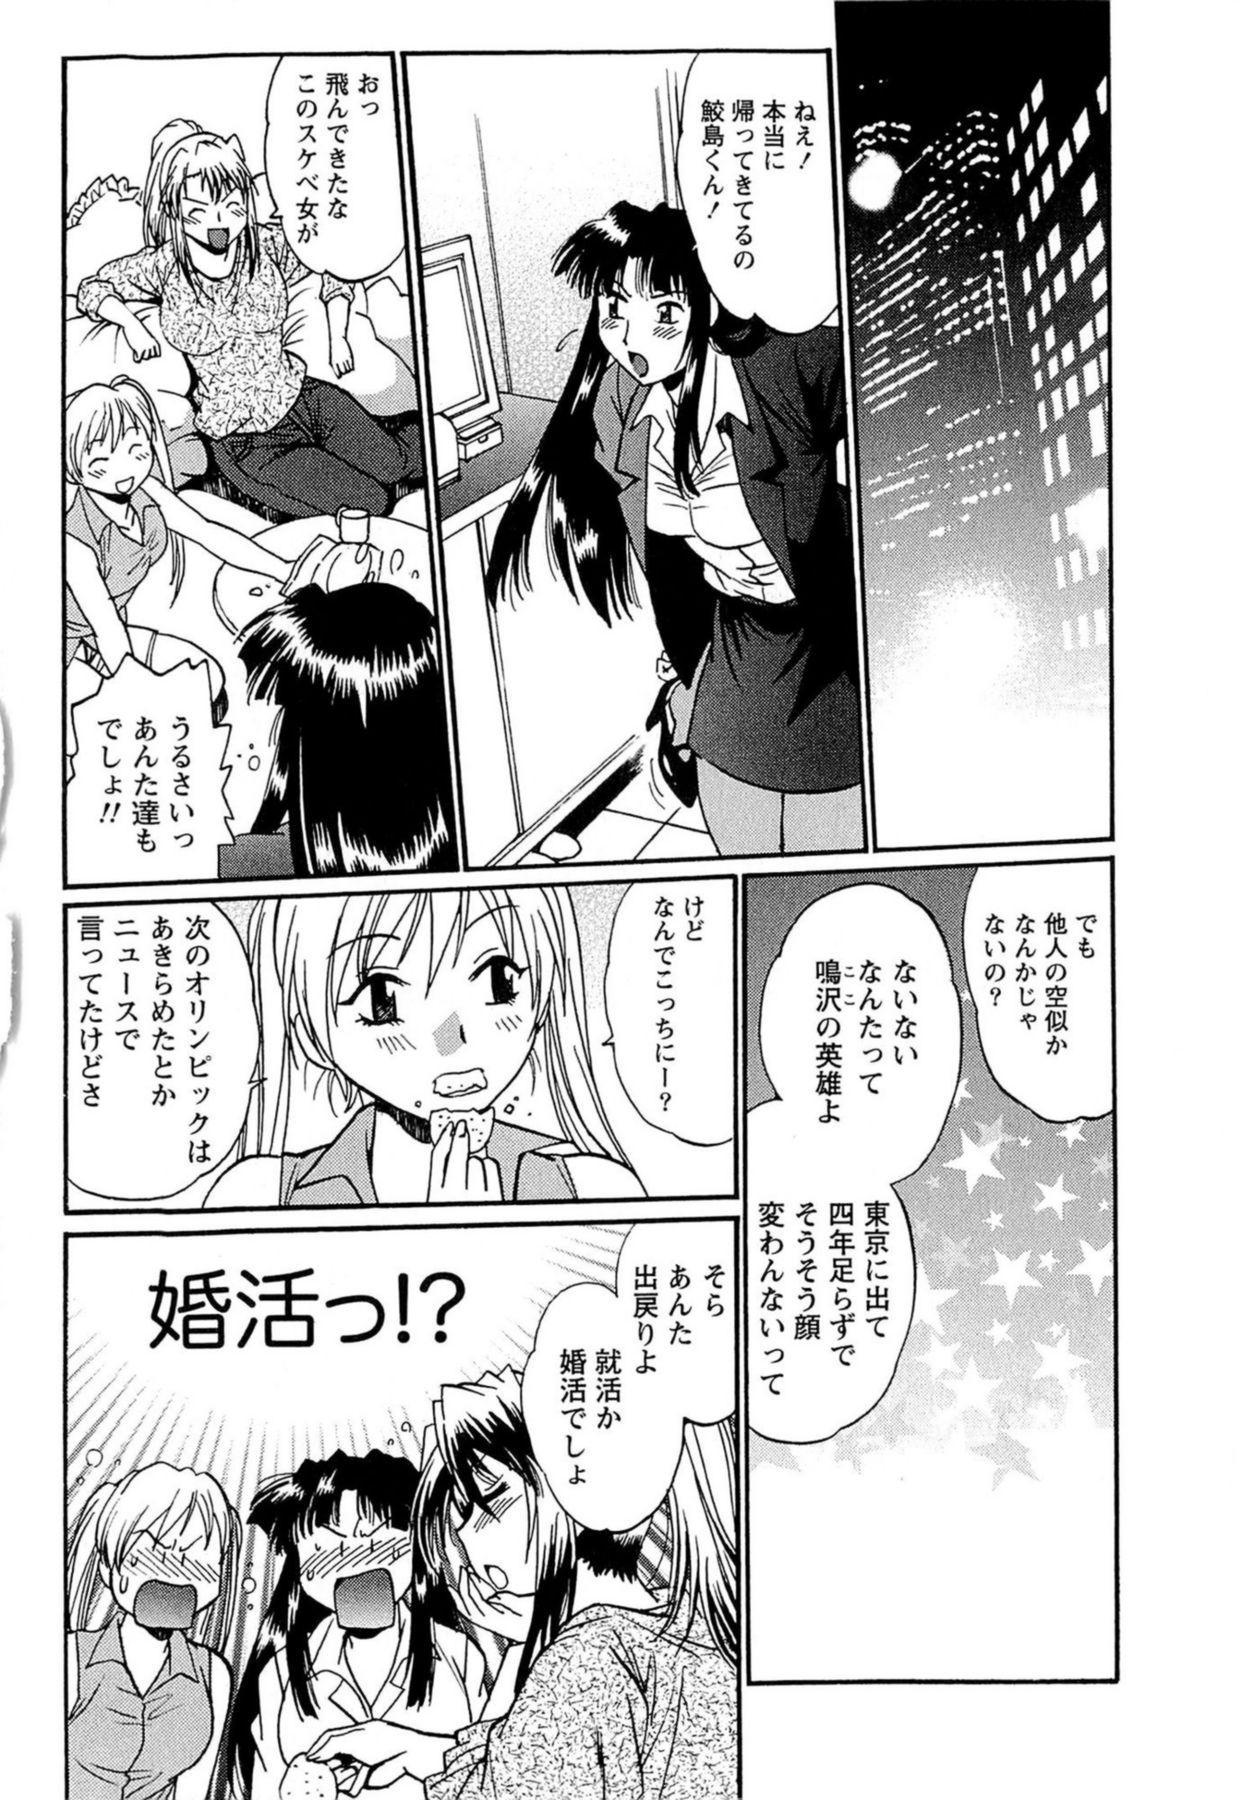 Kuikomi wo Naoshiteru Hima wa Nai! Vol. 1 8